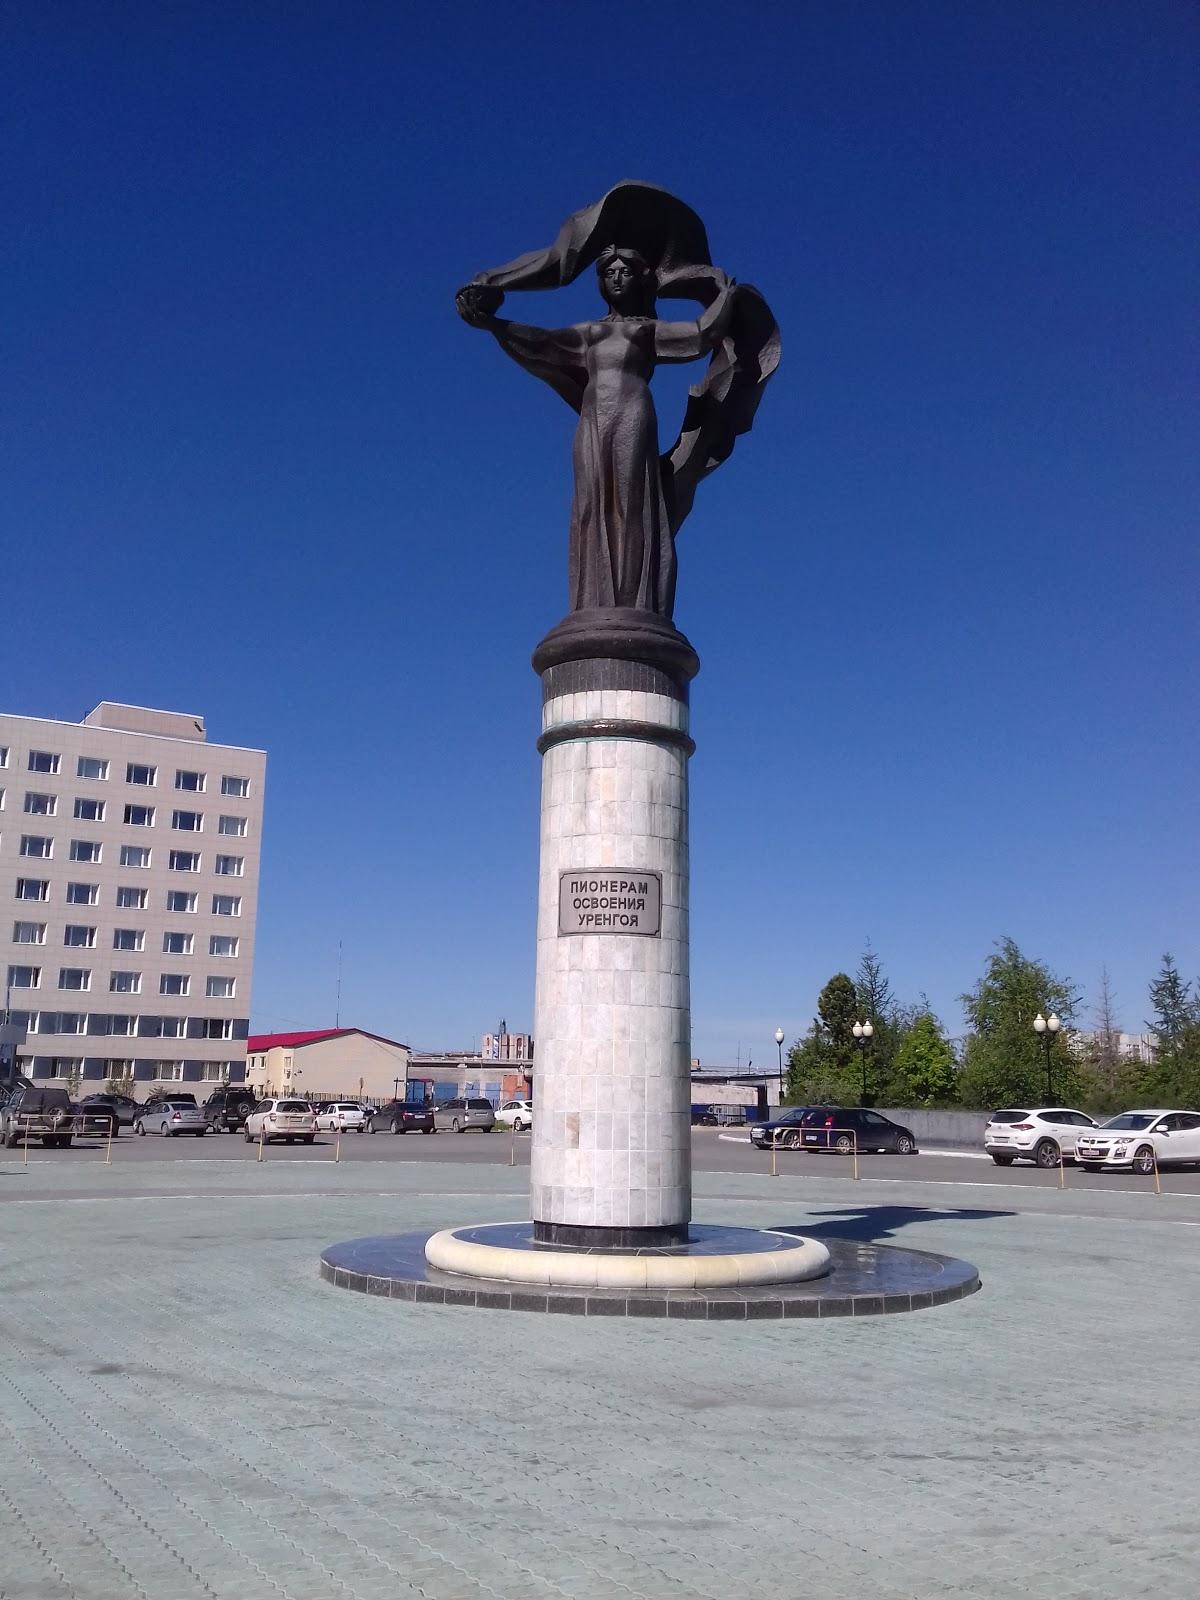 памятник «Пионерам освоения Уренгоя»